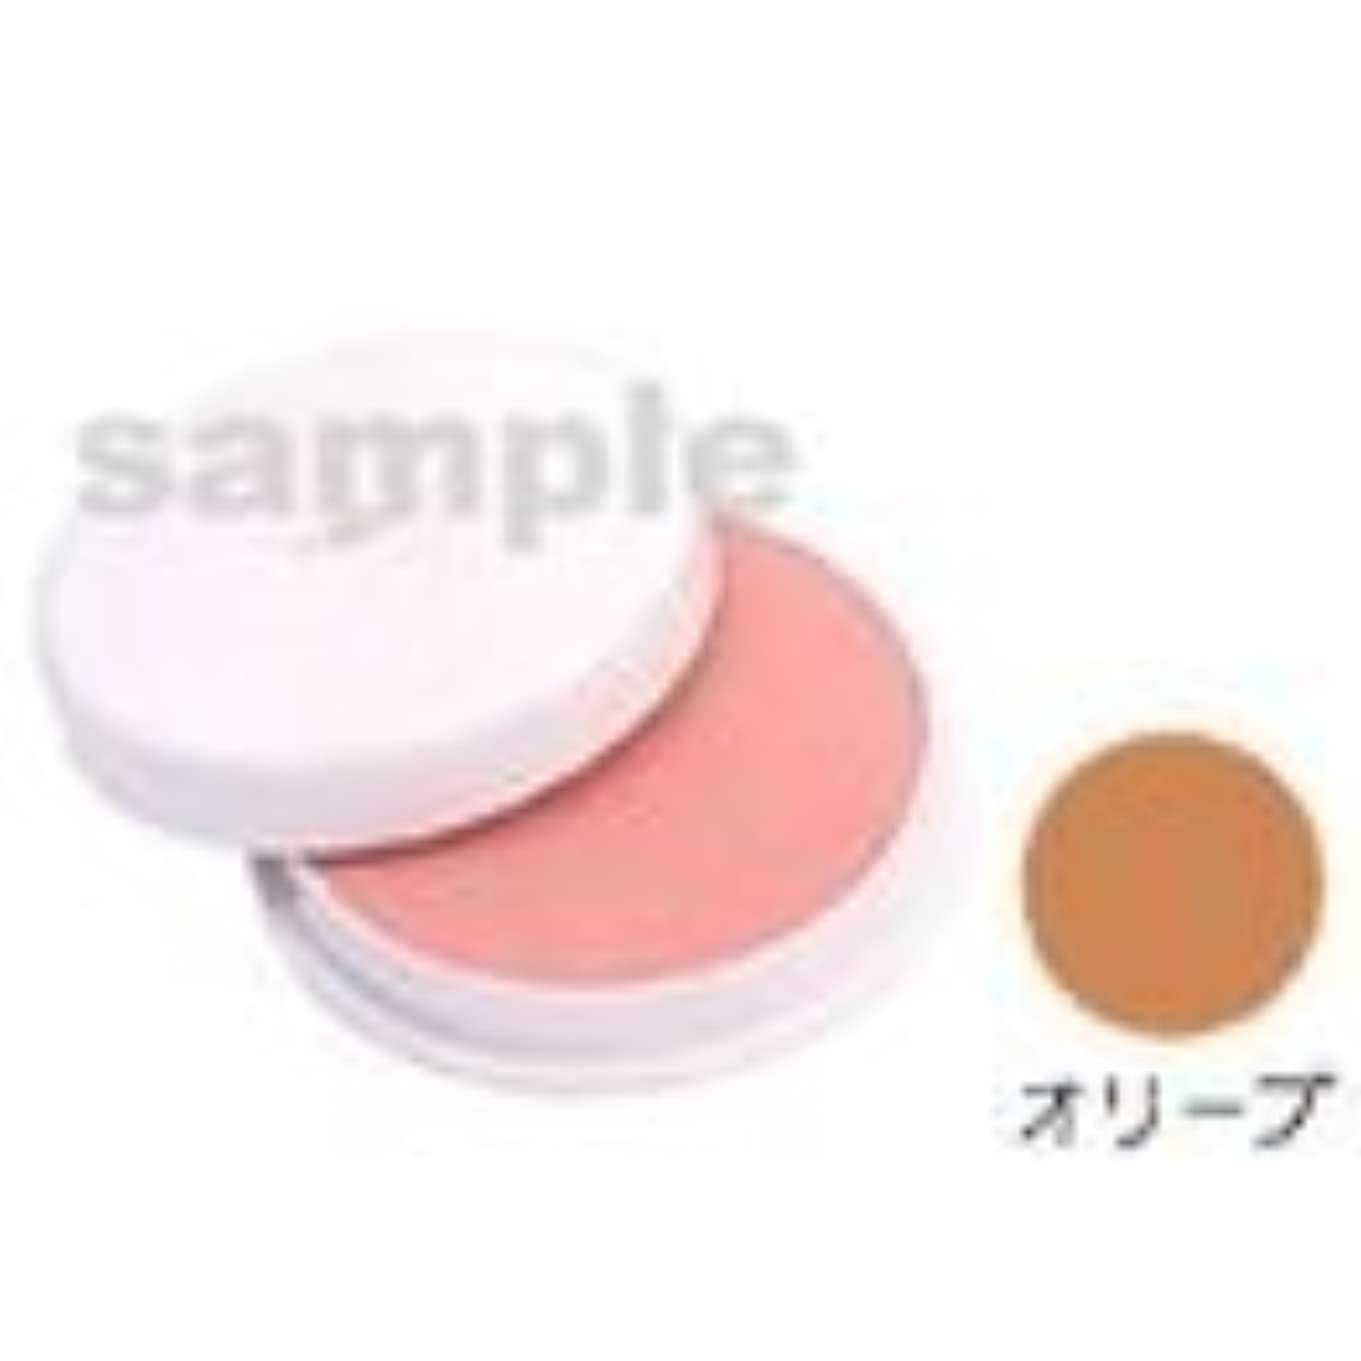 チャップマスク応じる三善 フェースケーキ ファンデーション コスプレメイク 舞台メイク カラー:オリーブ #